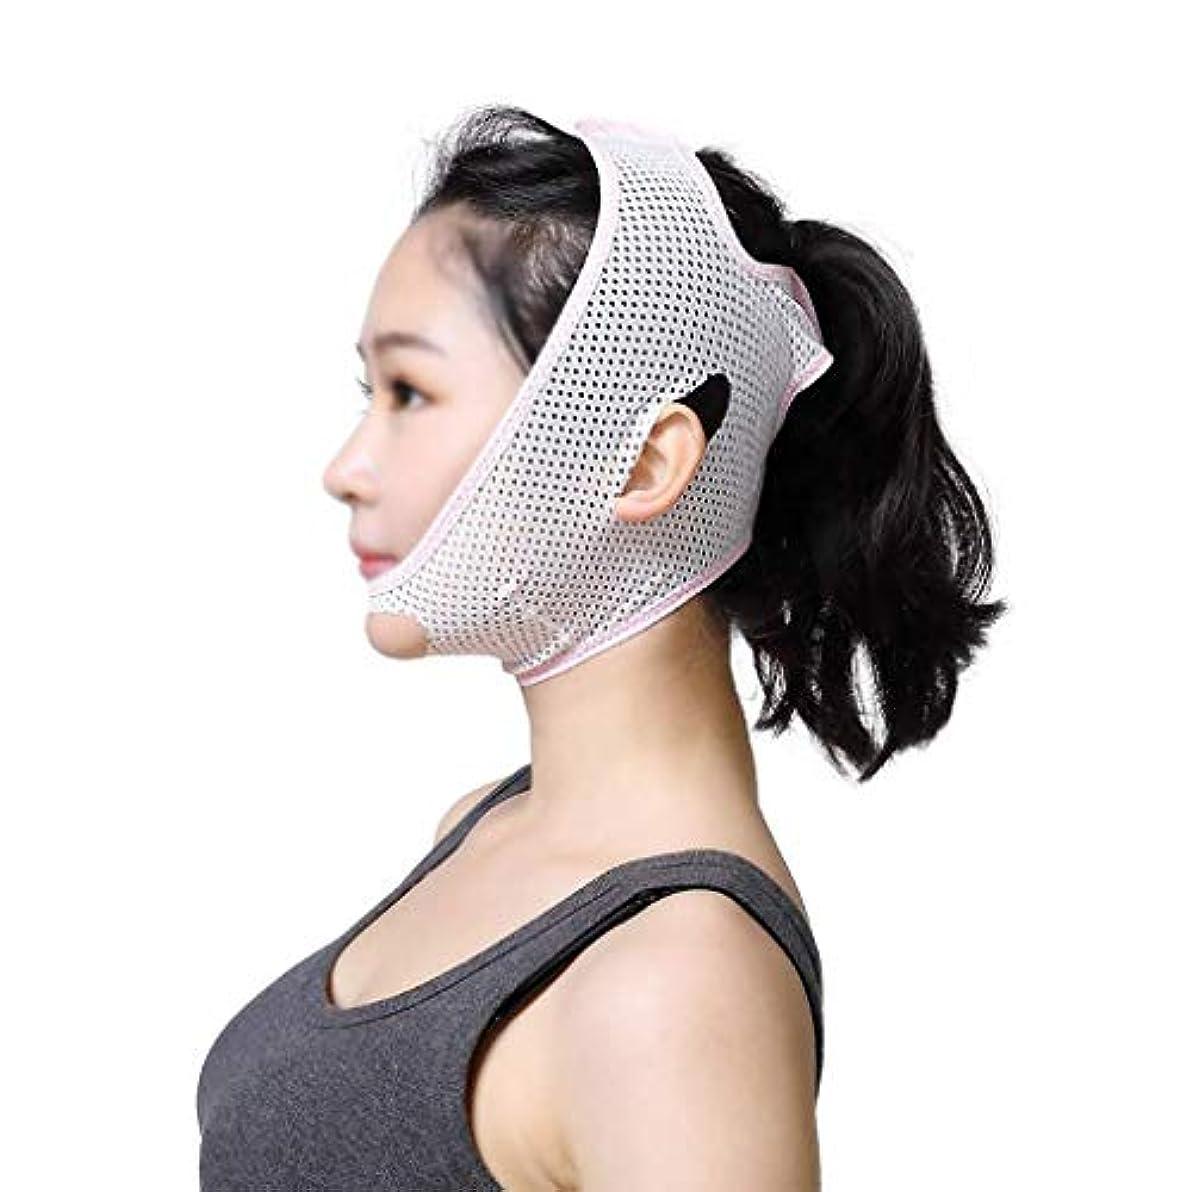 気難しい透明にダースあごのストラップ、二重あごの男性と女性のフェイスリフトフェイシャルへの美しさのマスクでポストフェイス補正を彫る通気性フェイスリフトアーティファクト睡眠包帯ライン(サイズ:M)